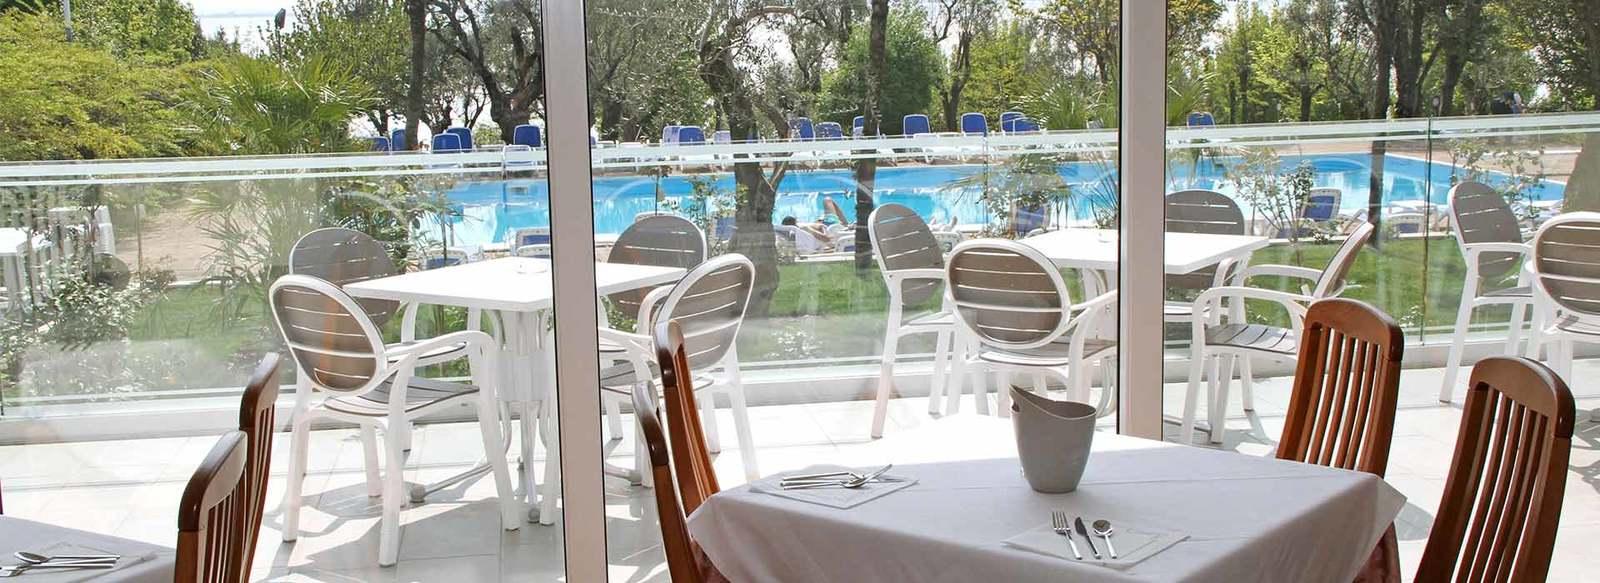 HOTEL VILLA PARADISO SUITE 4* - Moniga del Garda (BS)